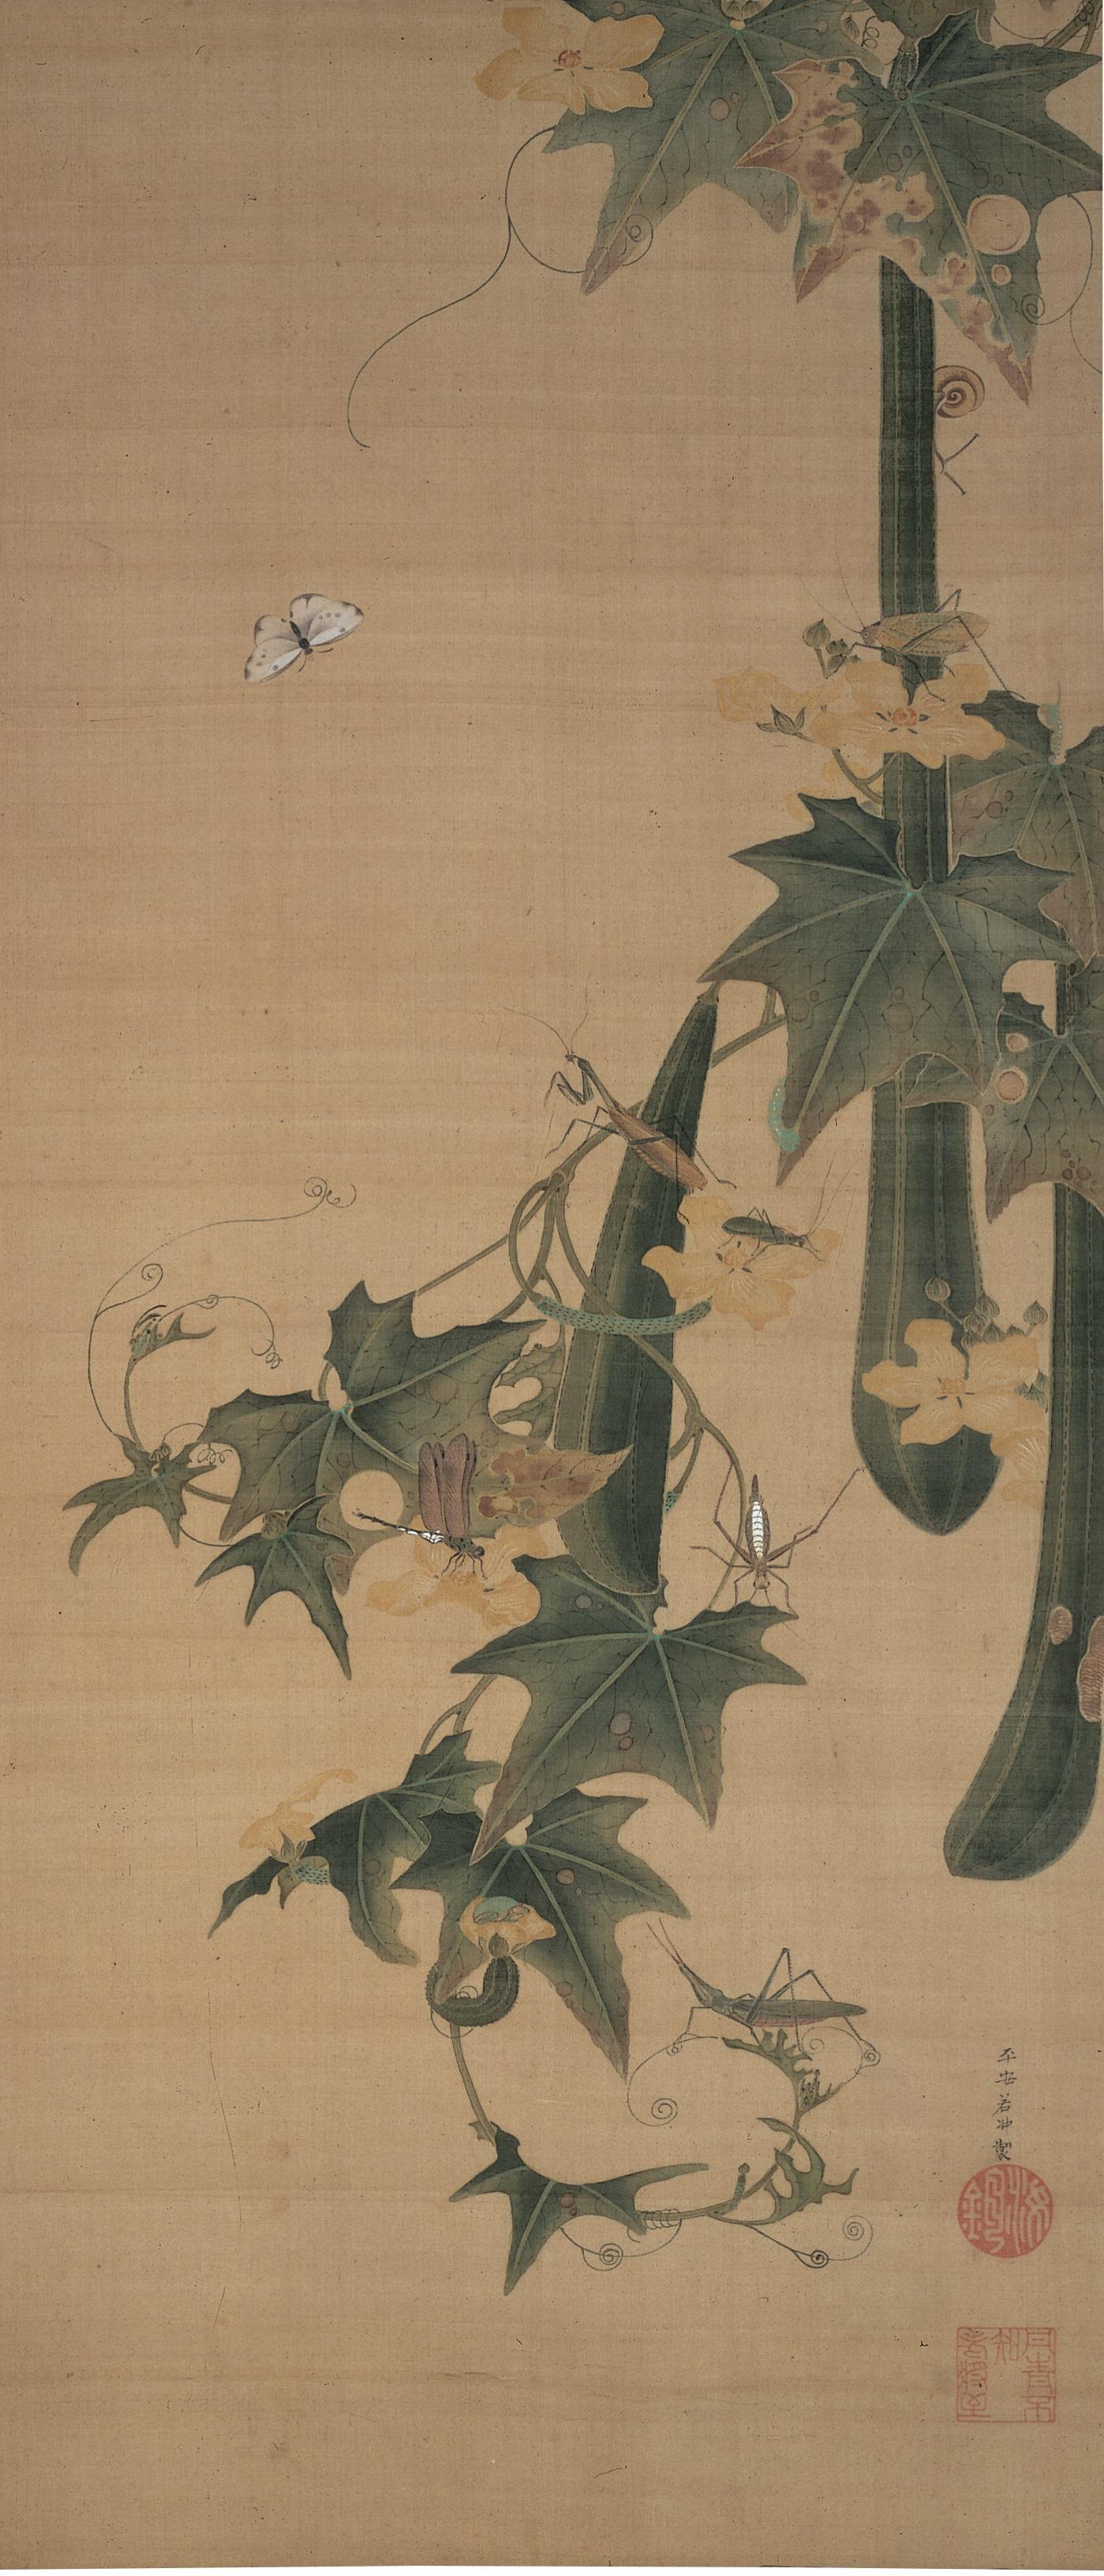 伊藤若冲 - 糸瓜群虫図(へちまぐんちゅうず)